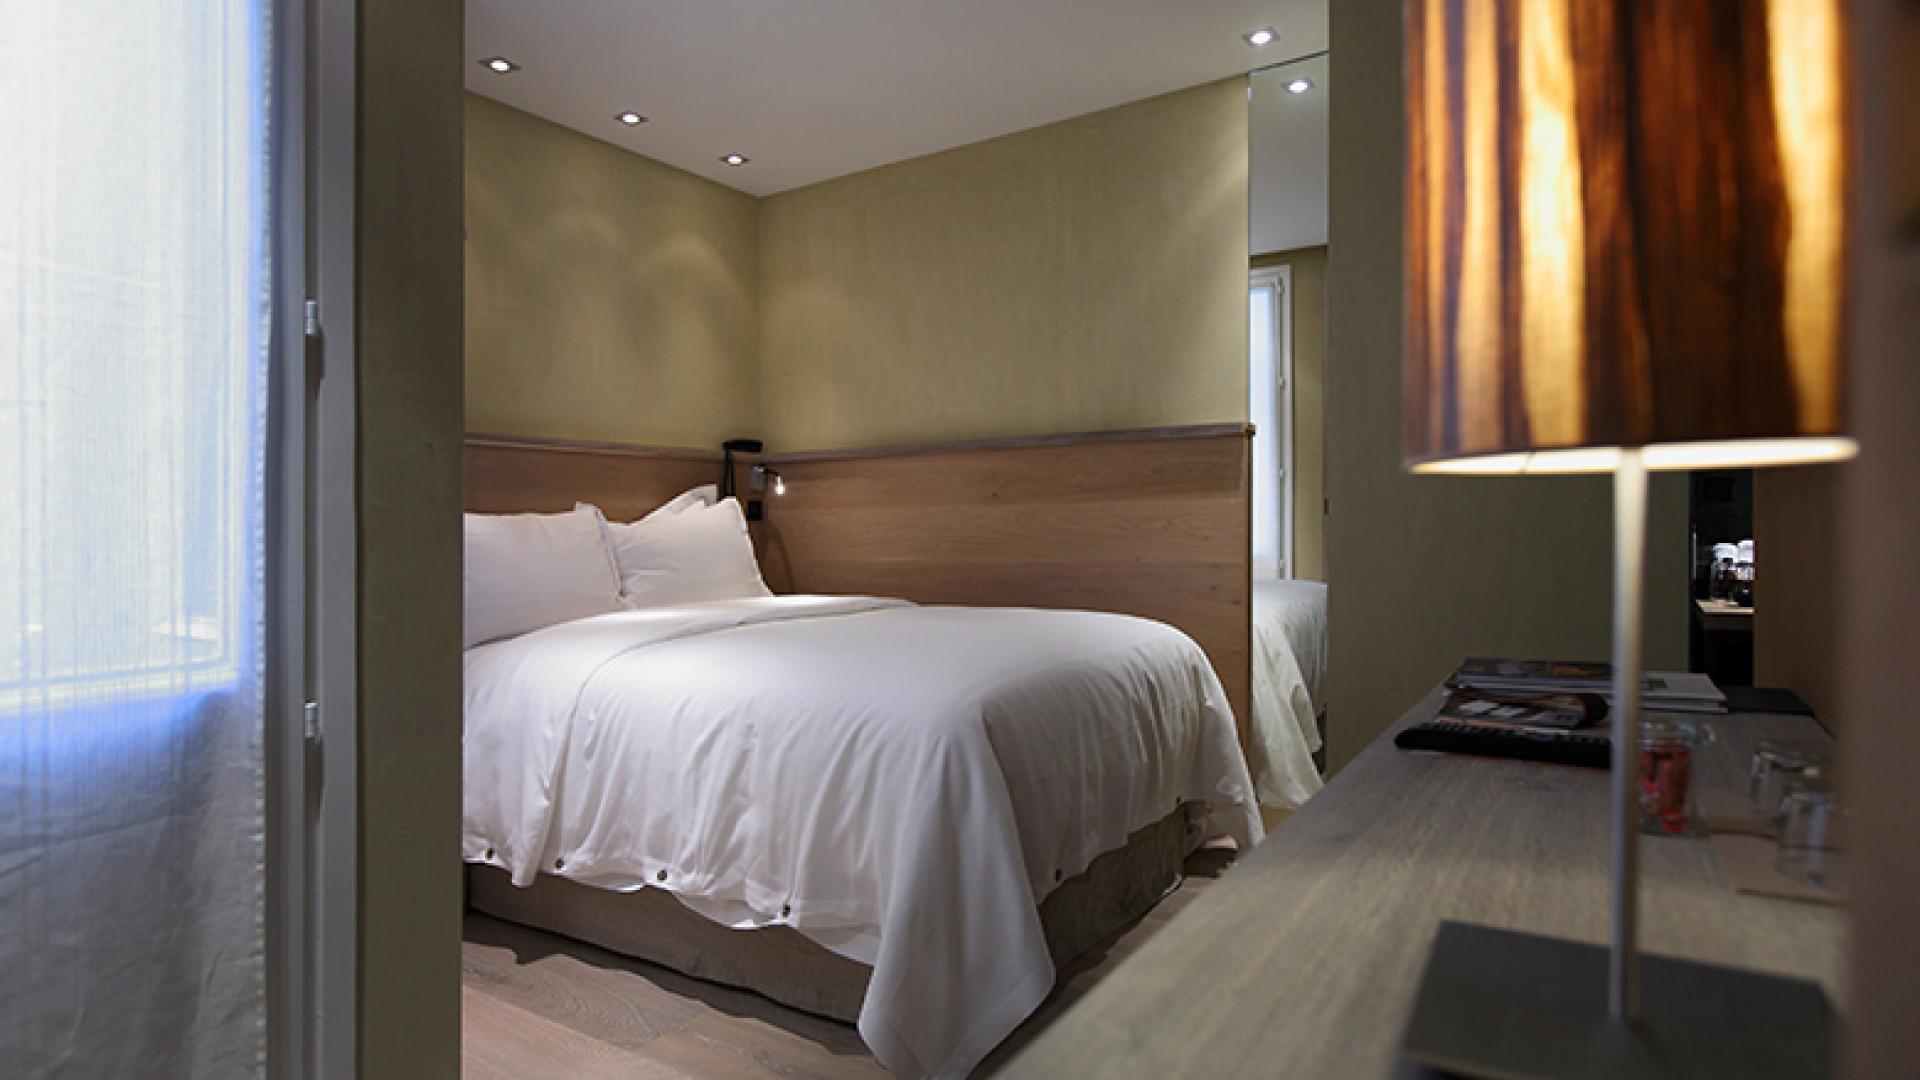 Hidden-Hotel-Bedroom-1-